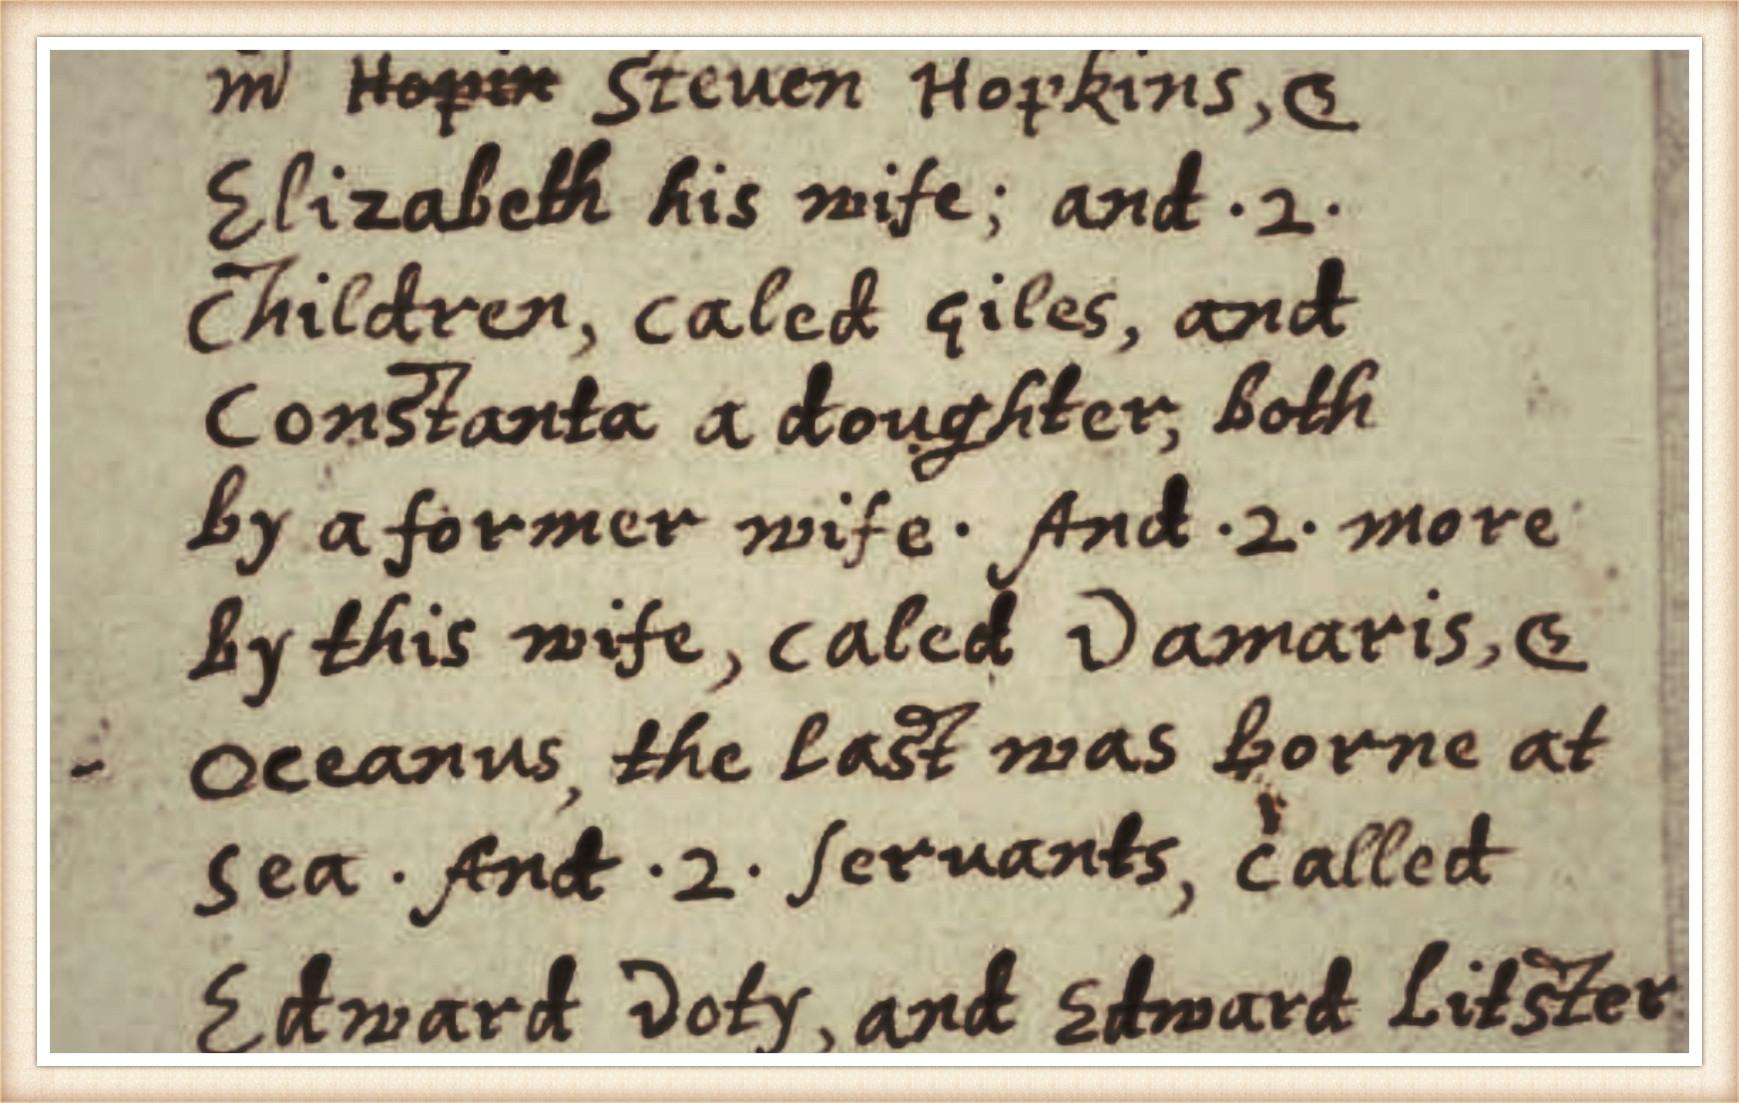 Elizabeth (Fisher) Hopkins